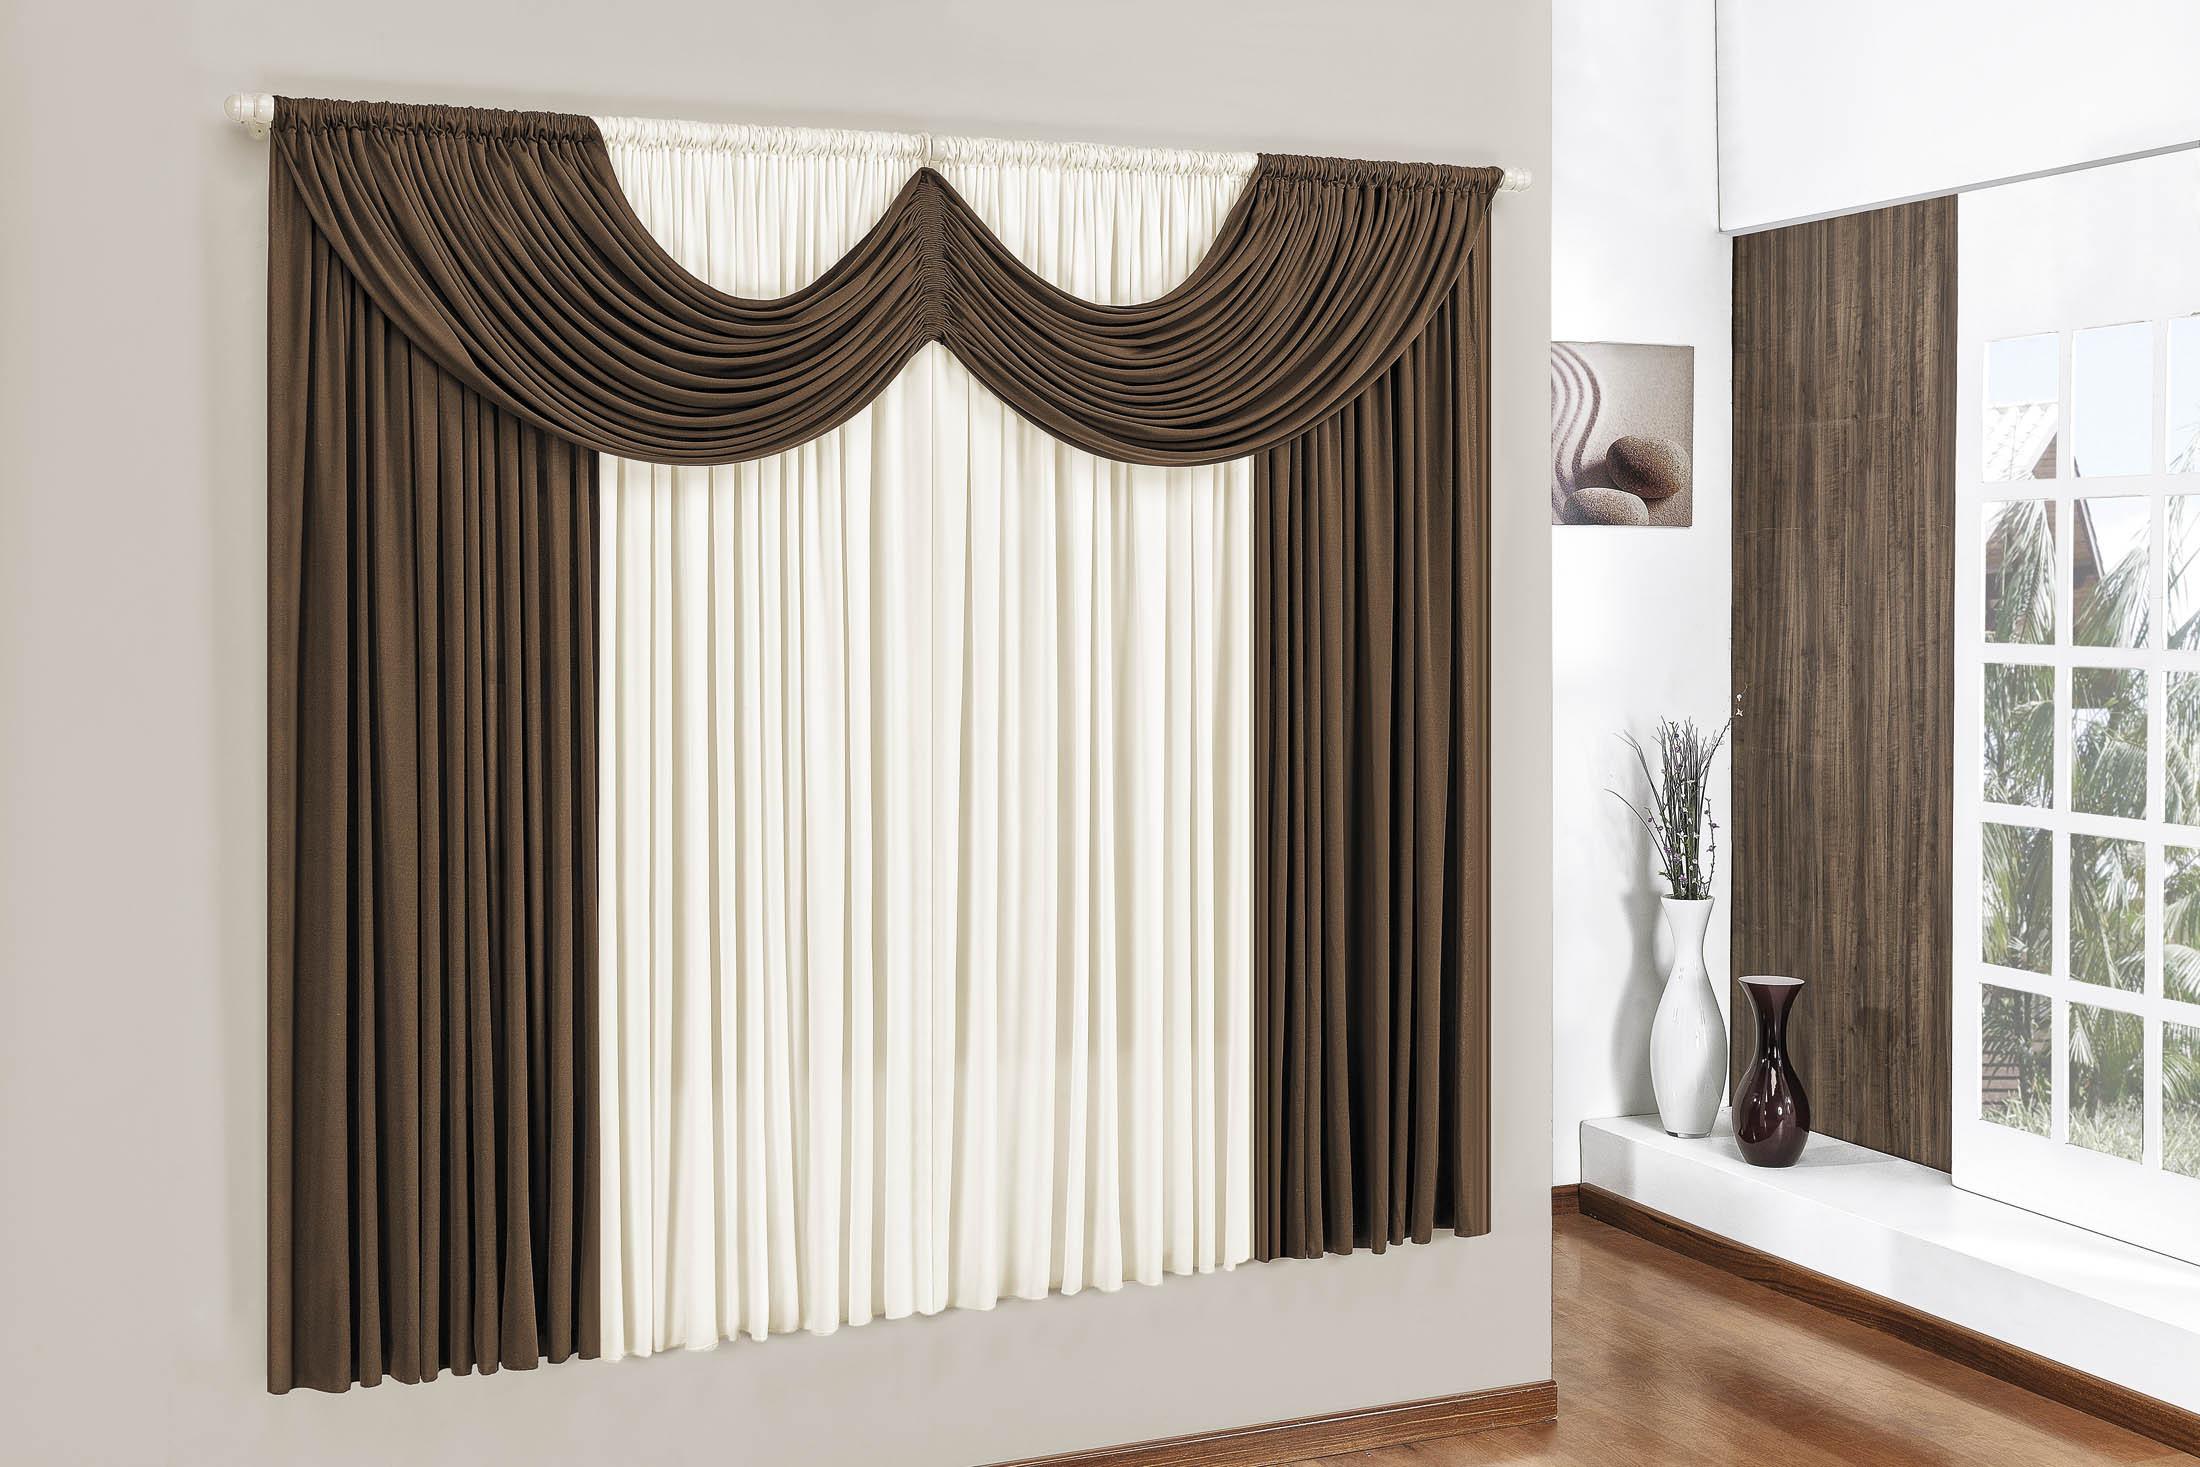 Tipos de cortina y para que se usan castelog for Catalogo de cortinas para sala